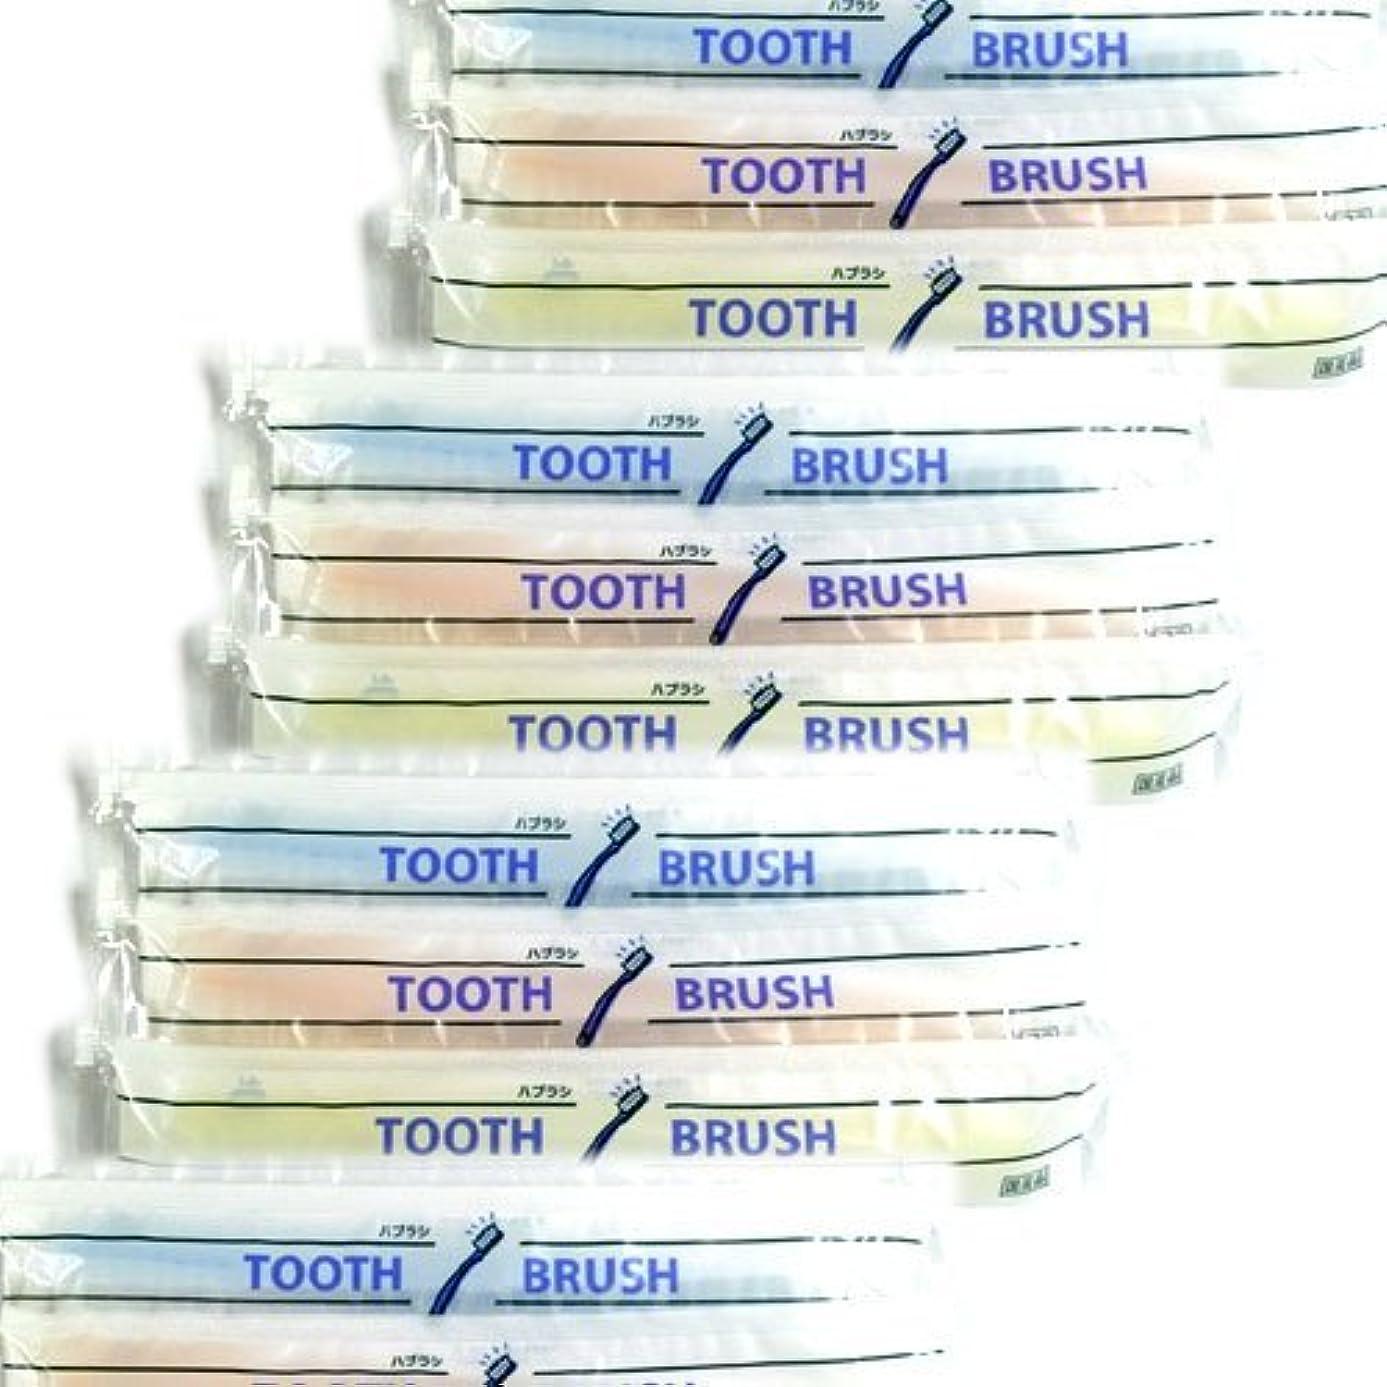 ドライブ暗記する悲観主義者ホテルアメニティ 業務用 使い捨て(インスタント) 粉付き歯ブラシ × 100個セット